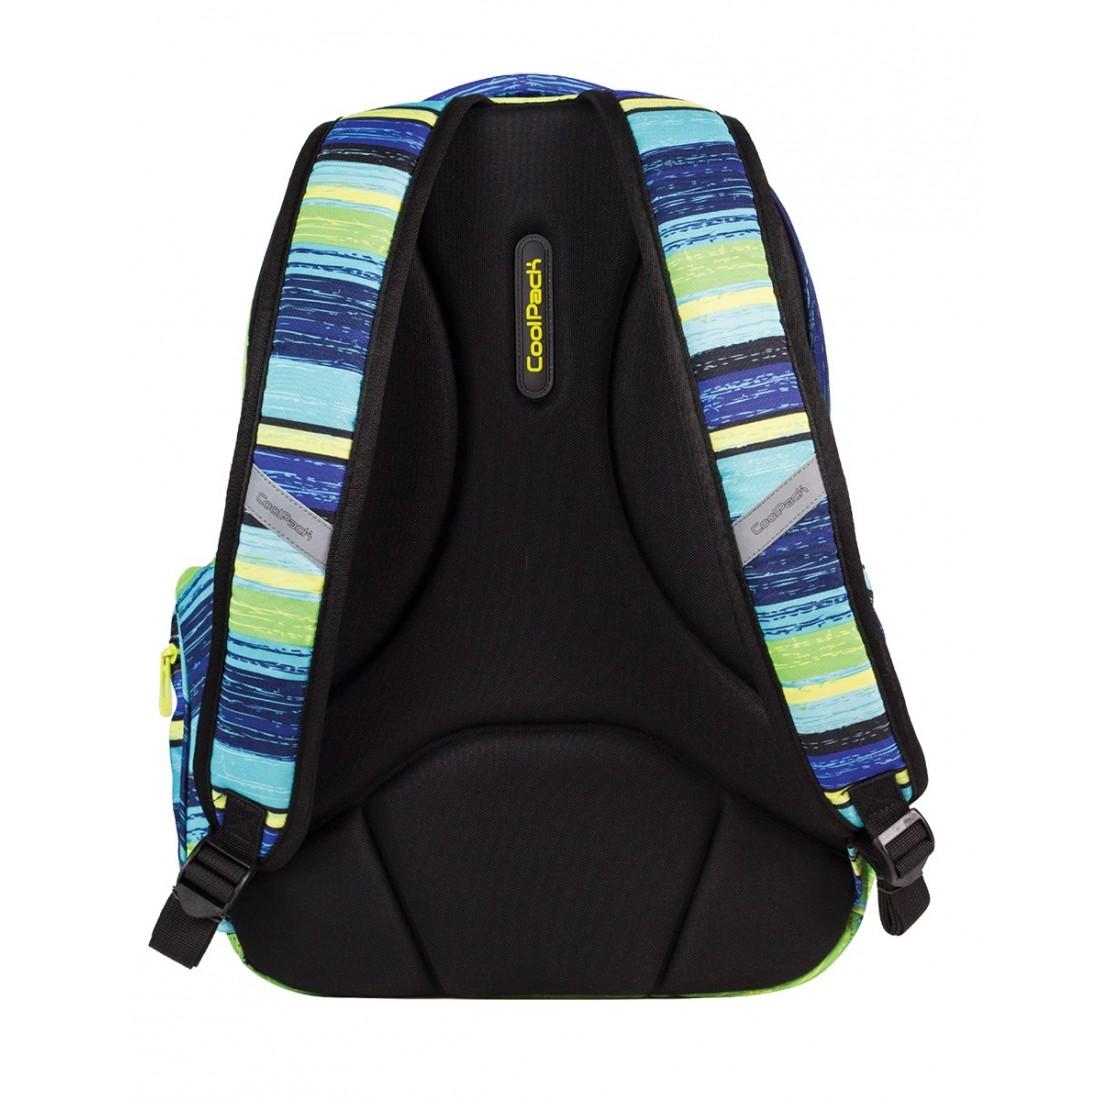 Plecak młodzieżowy CoolPack JOY 3 przegrody BLUE LAGOON CP 530